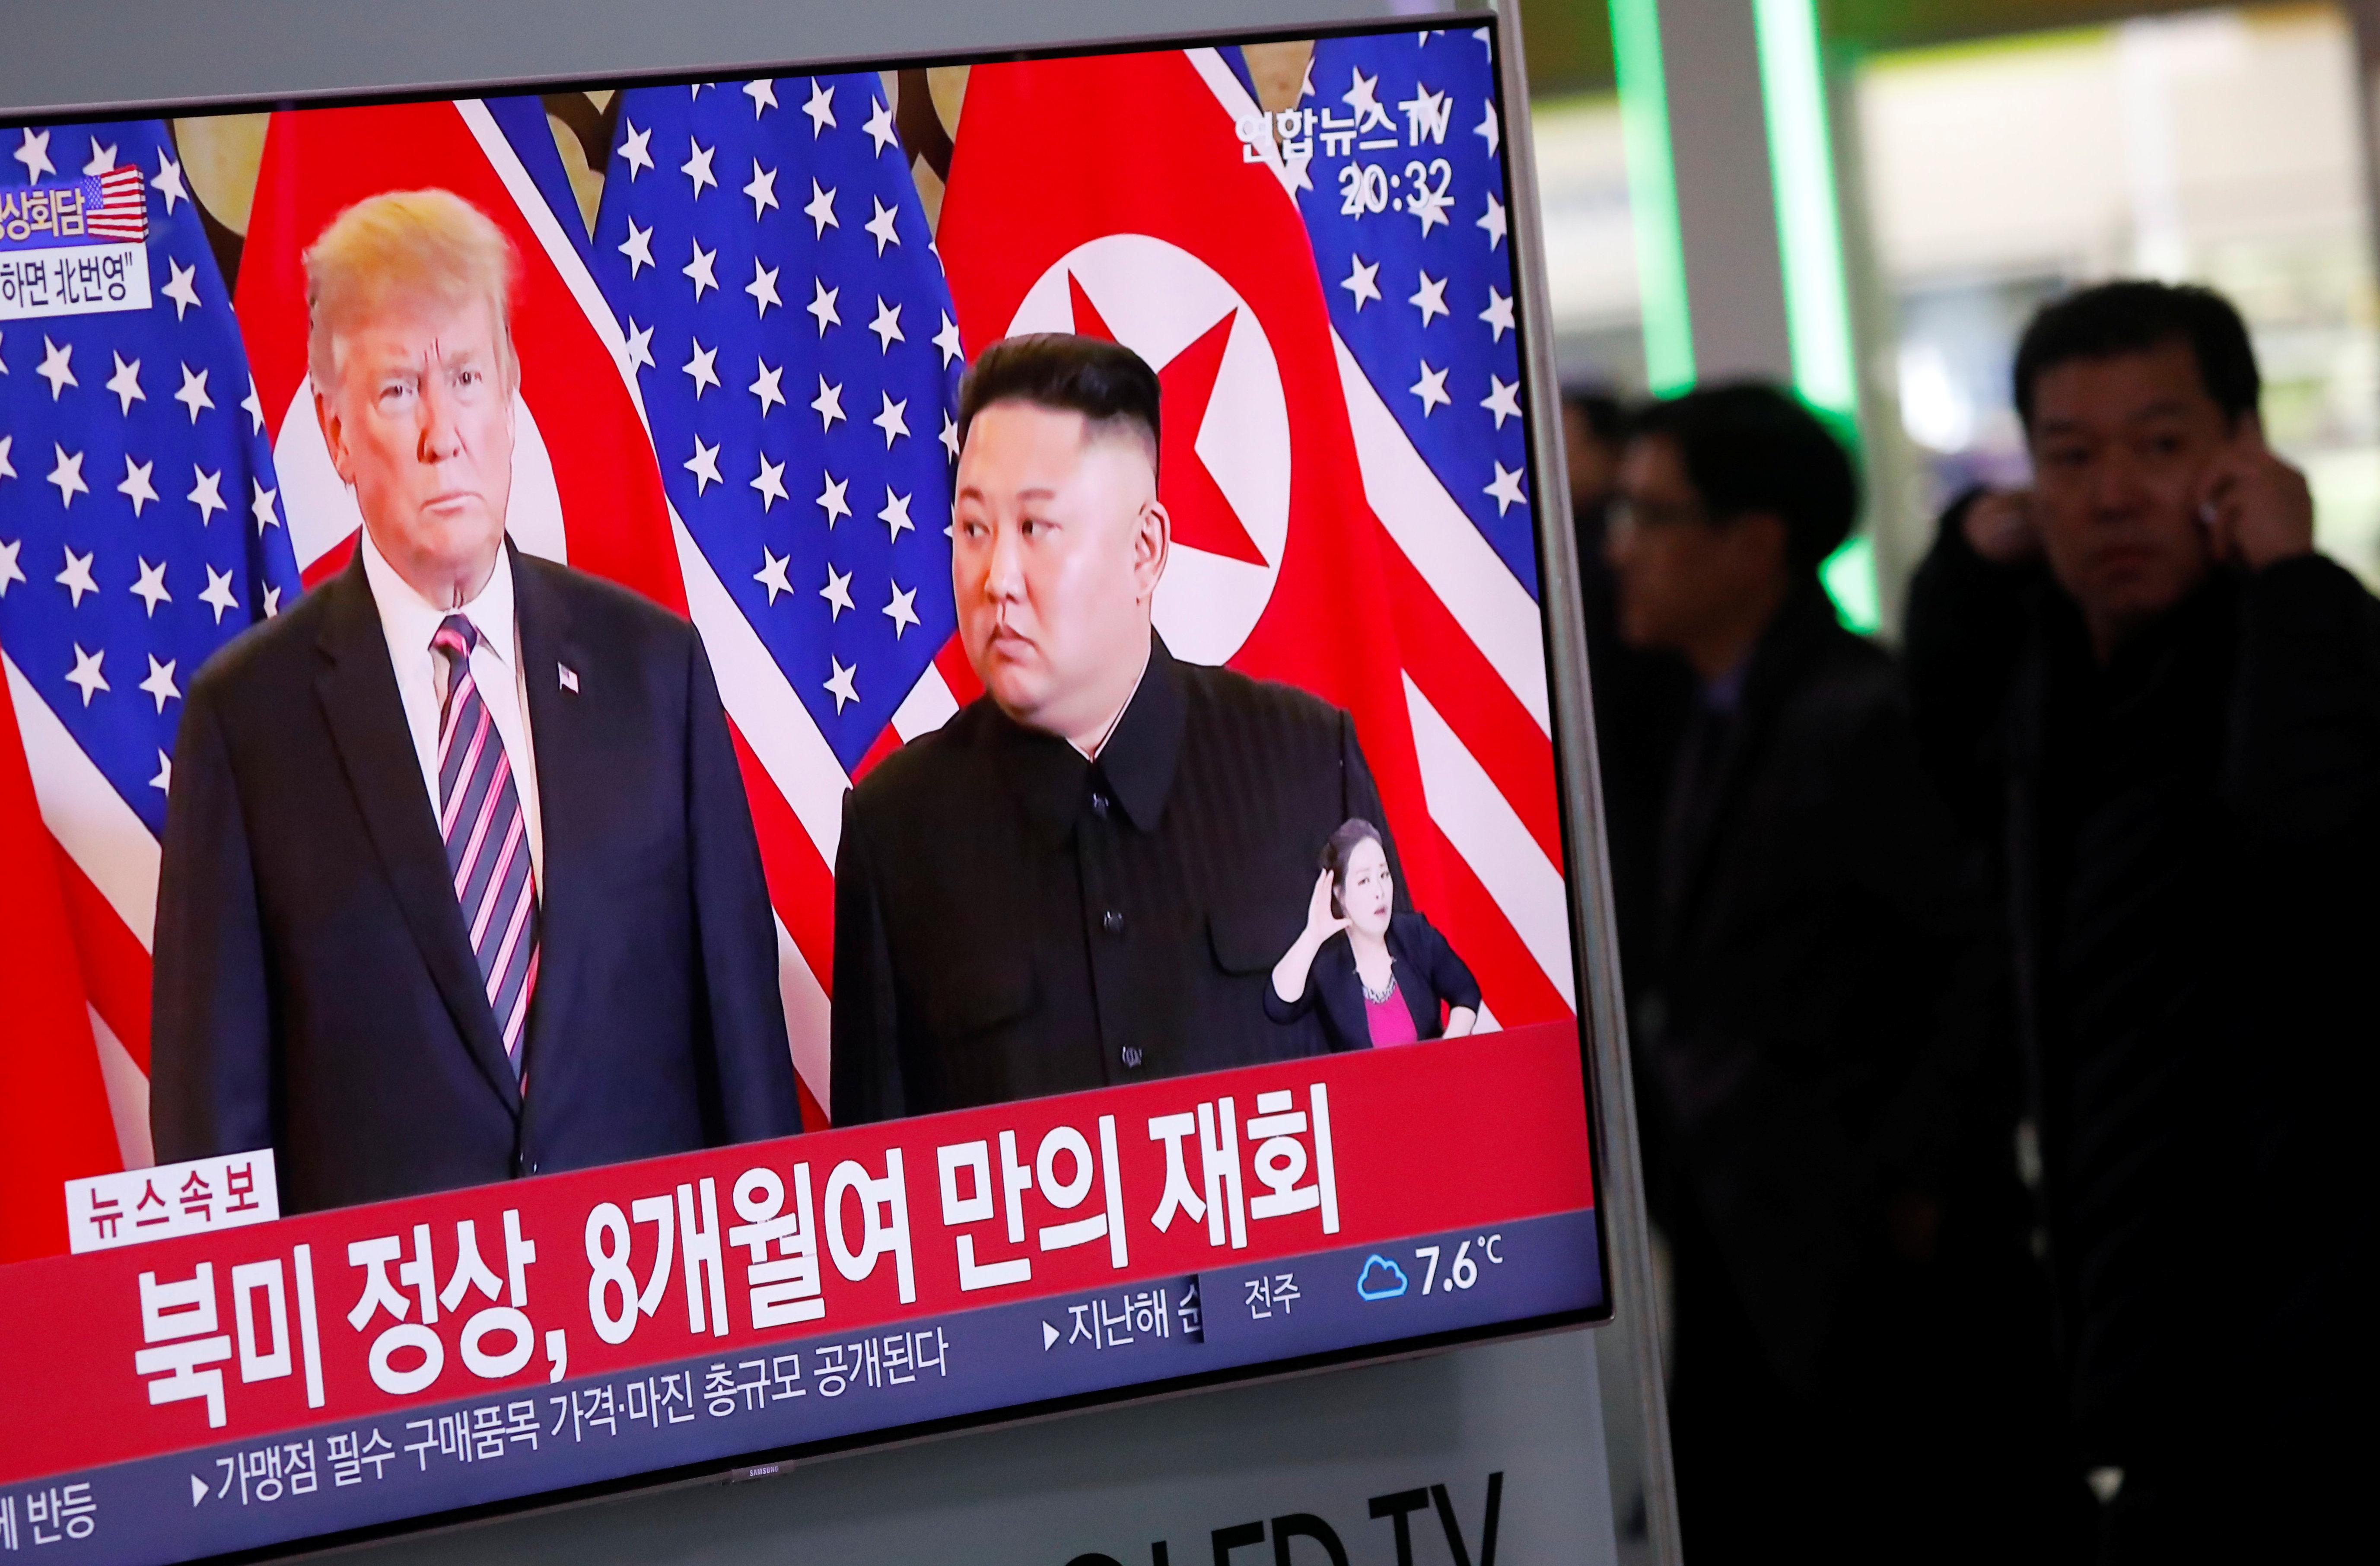 Donald Trump et Kim Jongun à Hanoï, l'art délicat du compromis